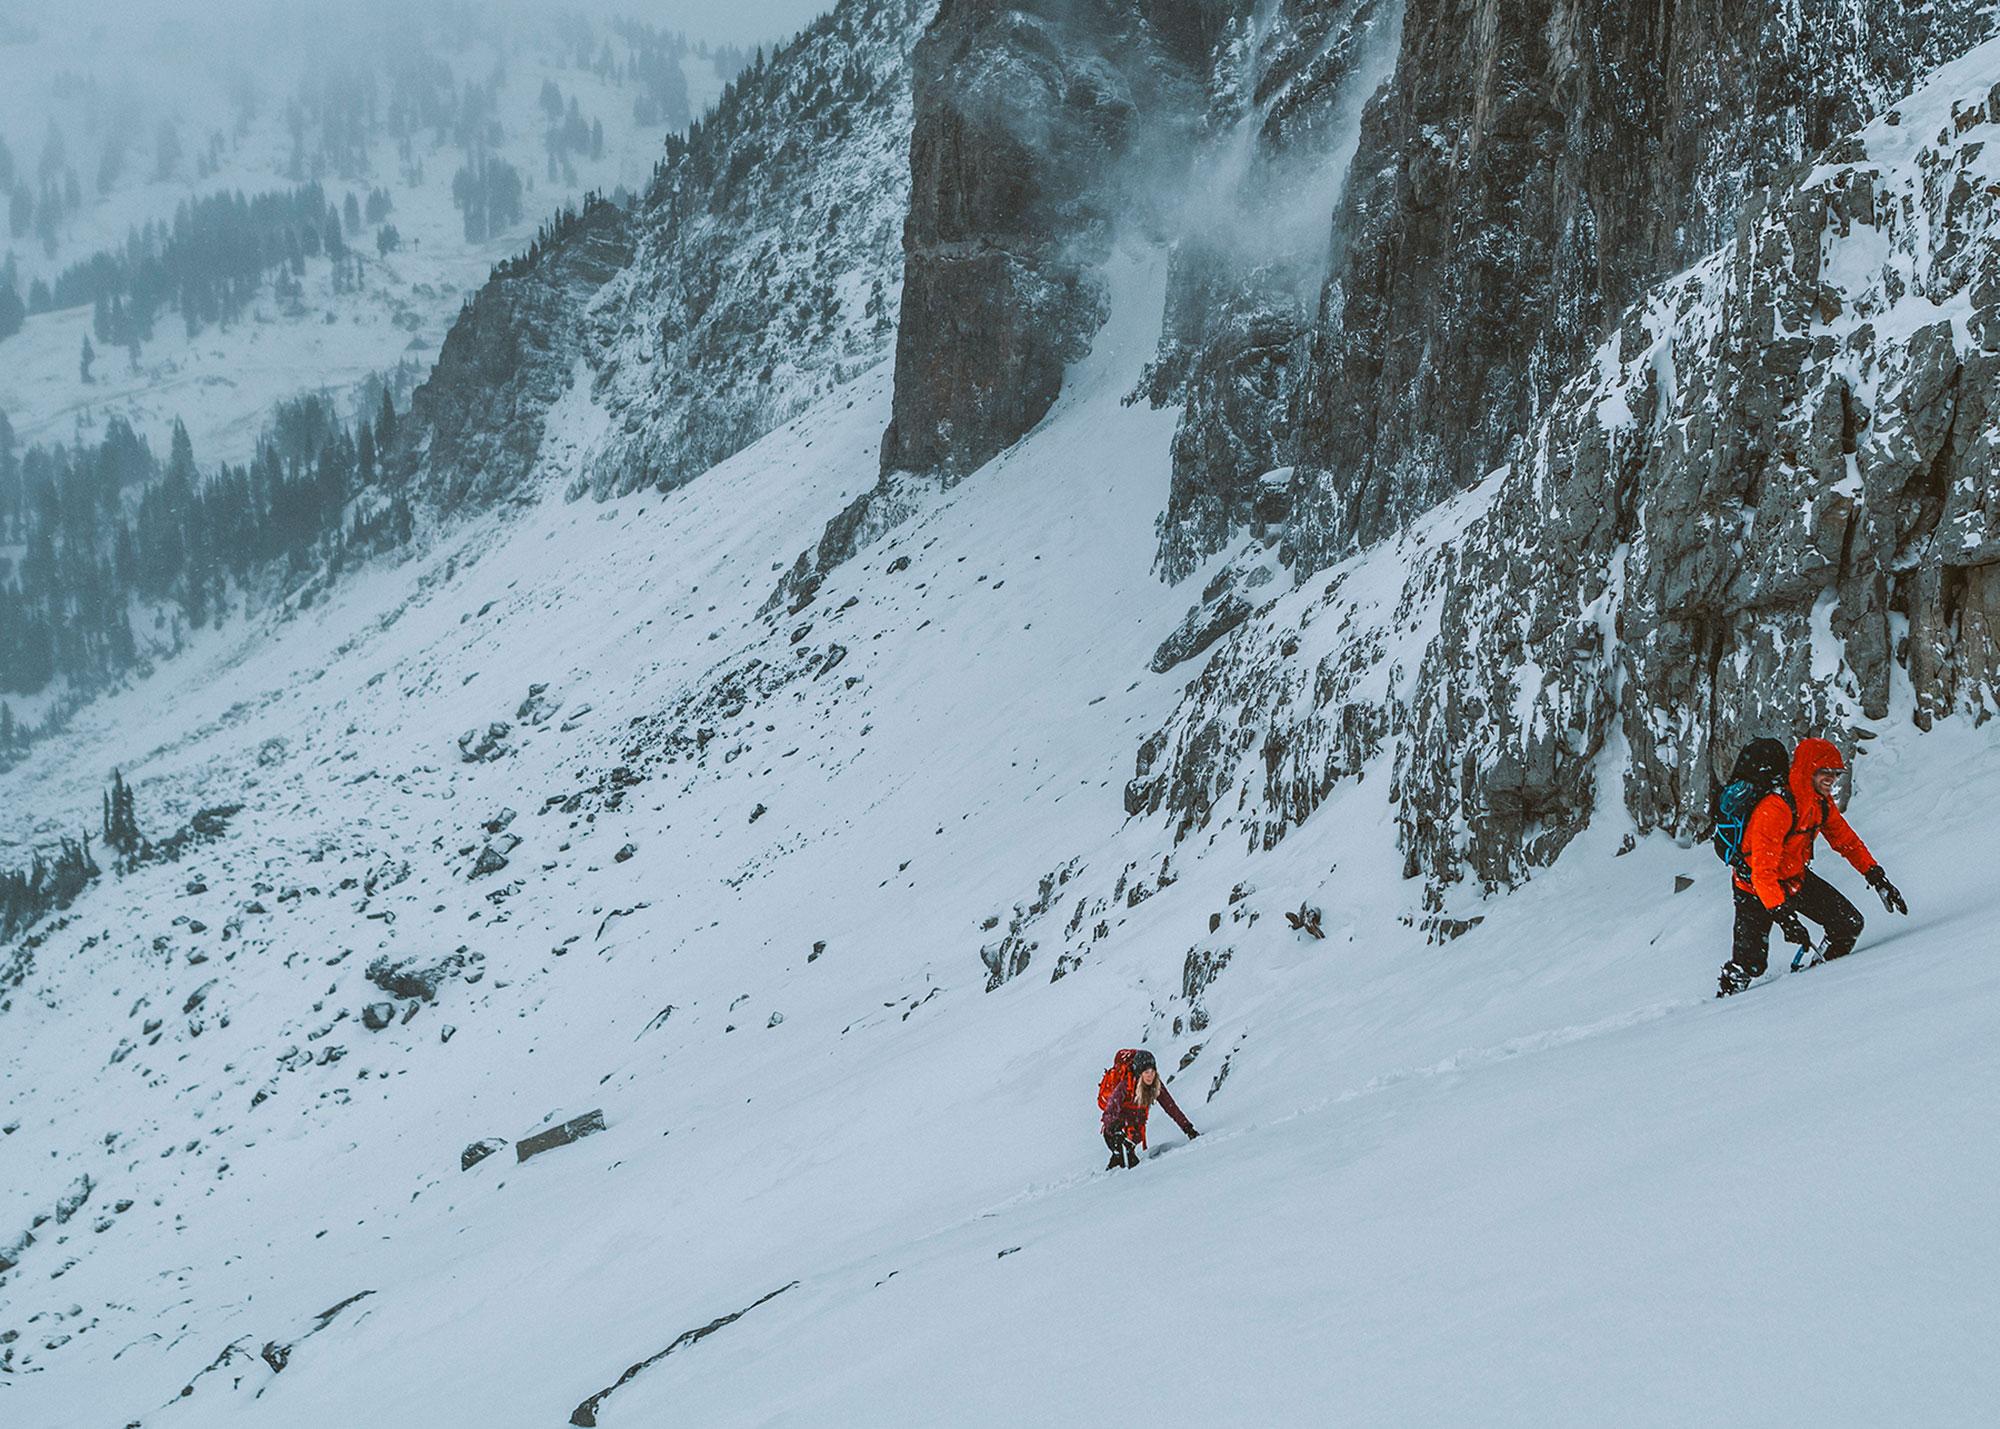 W17_Mountaineering_AlpineAscender_M_PrimaPack_W_Kemple---EMS---F17---2067-copy